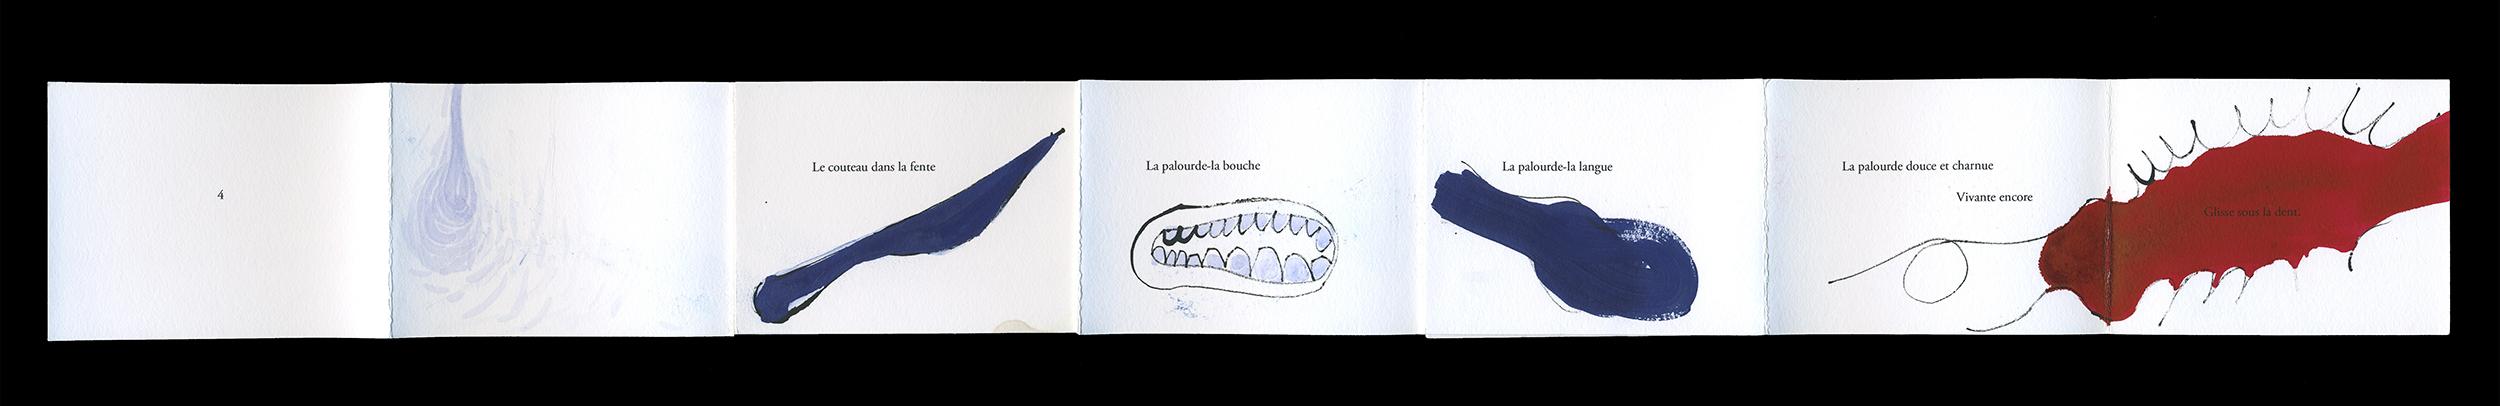 Scan-Web-La palourde-4.jpg